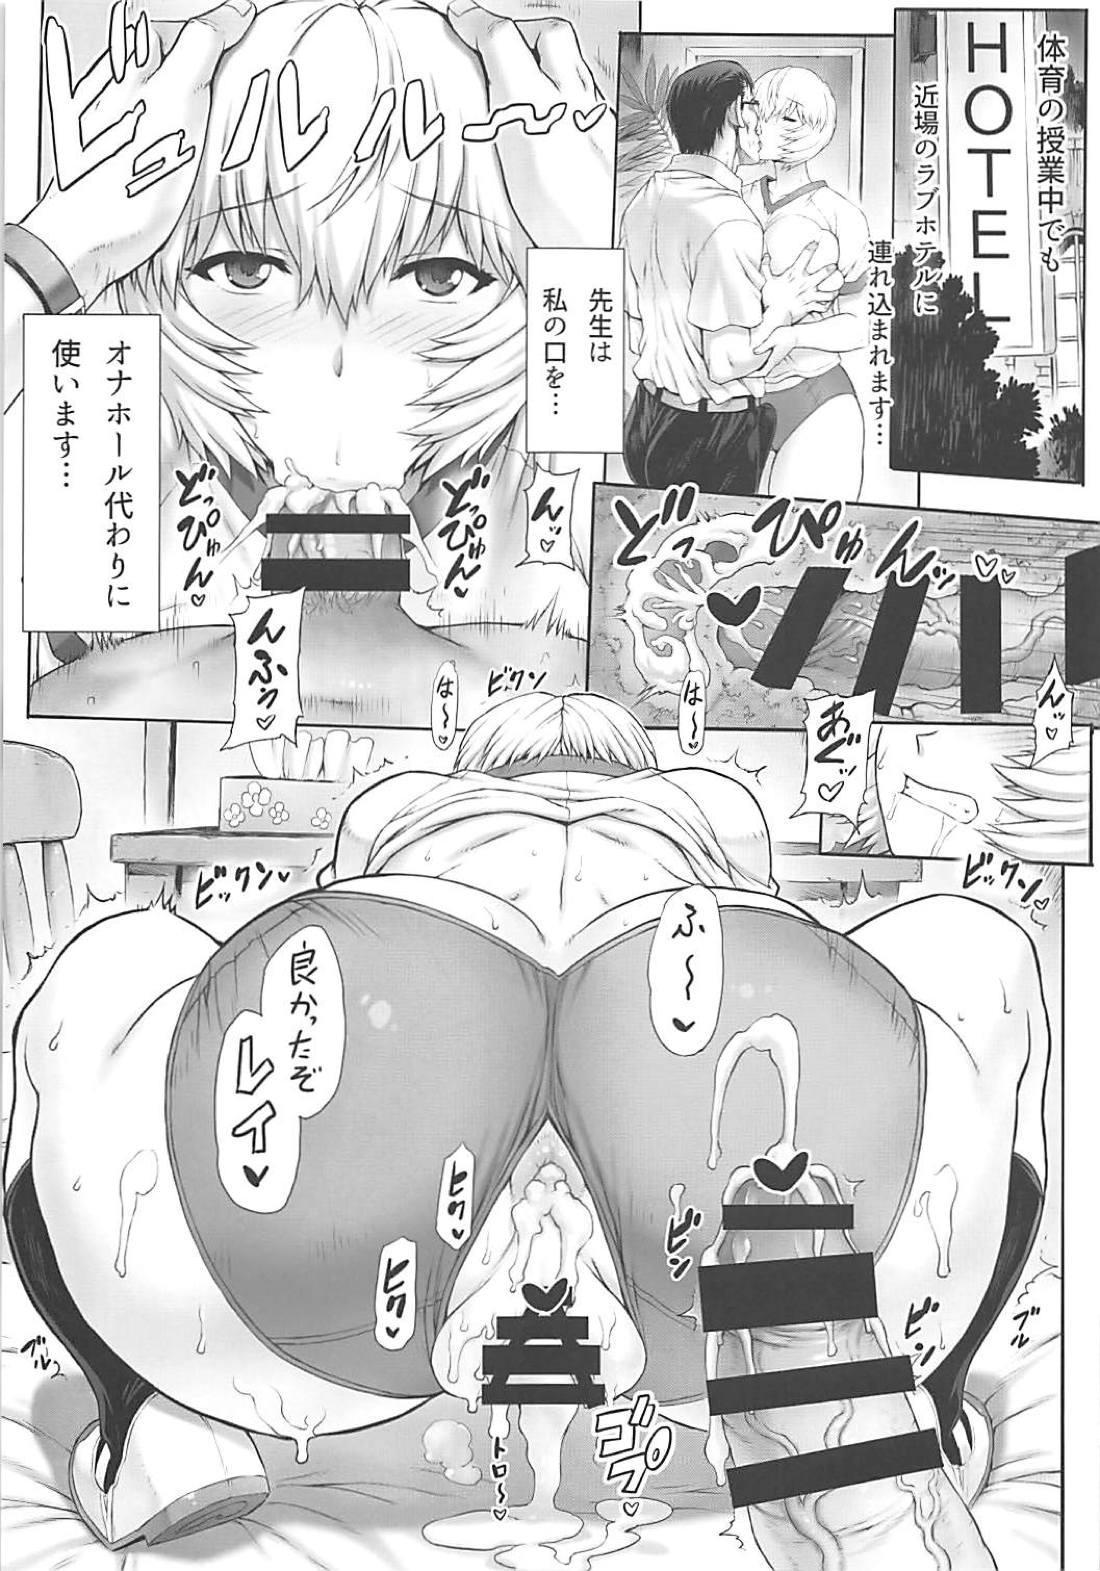 Ayanami Dai 9-kai Ayanami Nikki 5